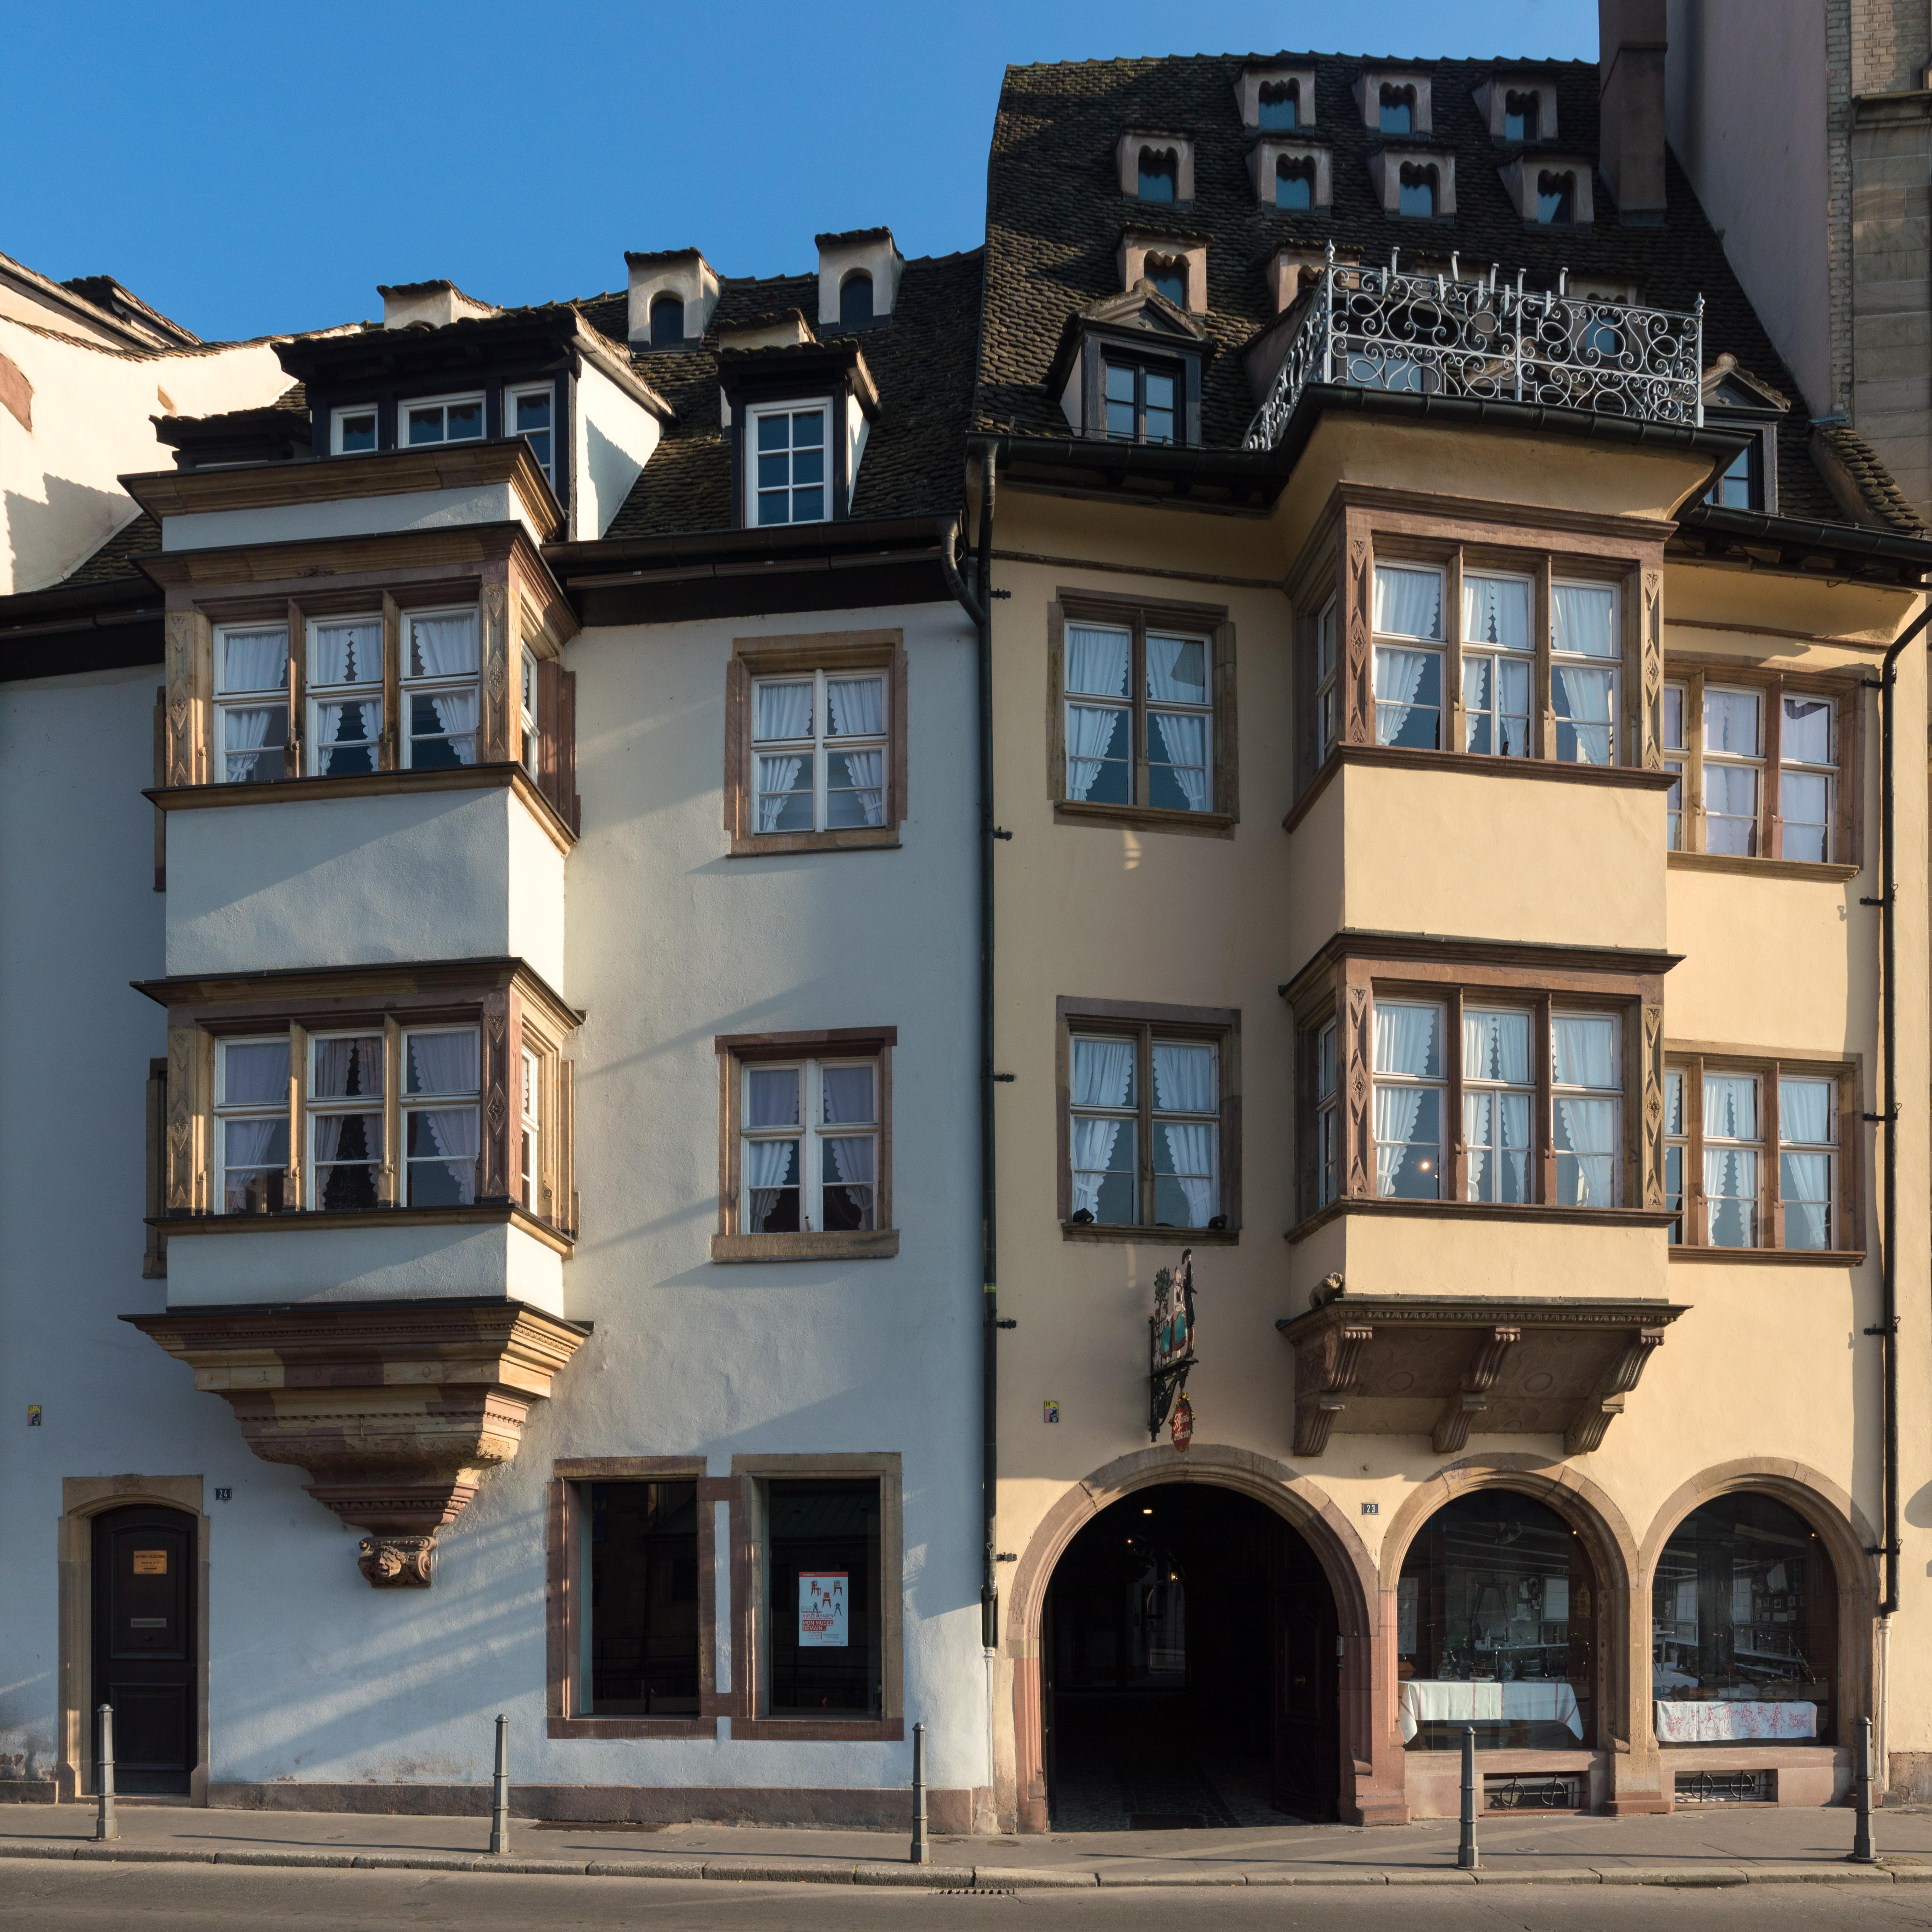 Poele En Faience Alsacien musée alsacien — wikipédia